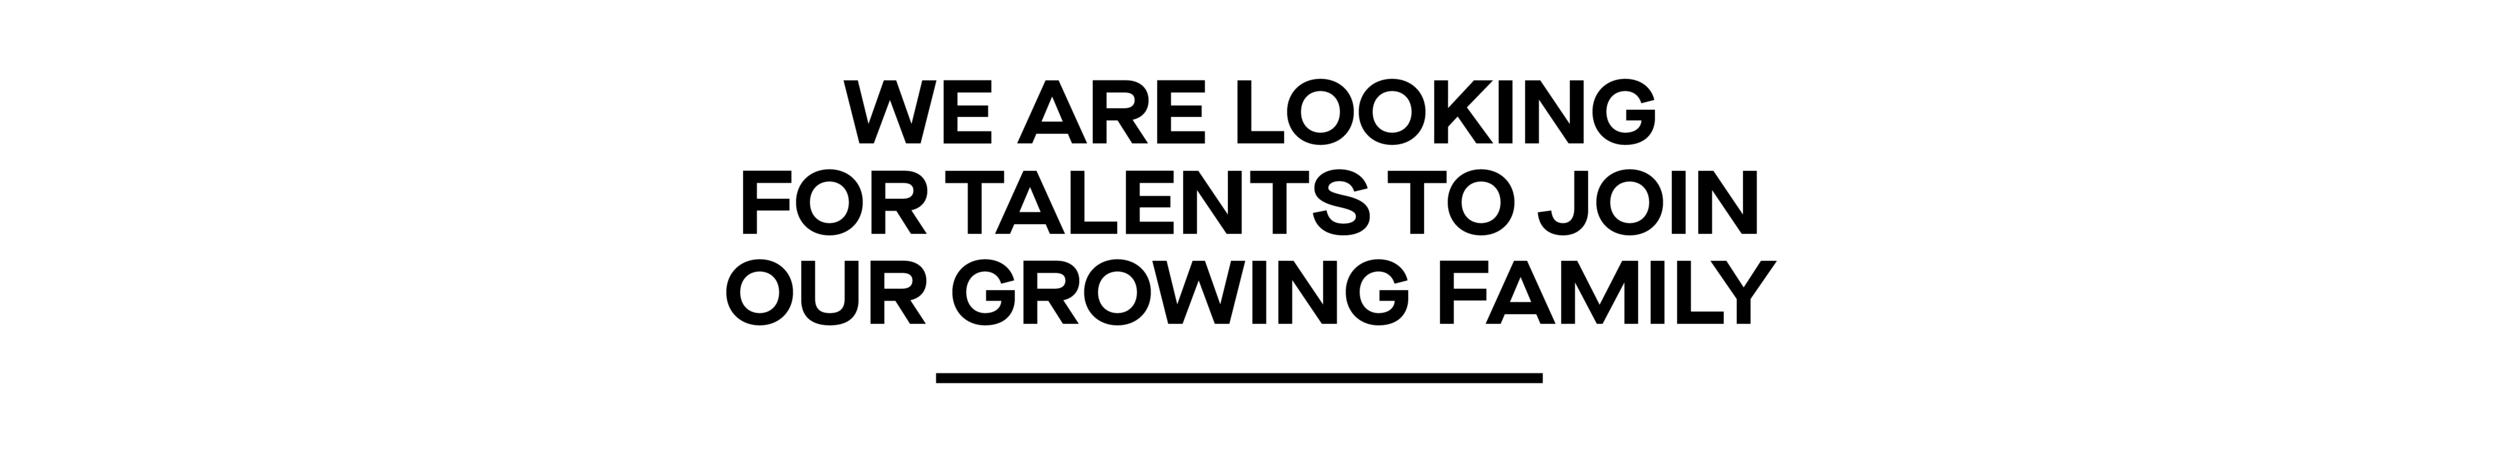 dd01e56a-d126-4af0-b91c-076c1ea416a2.png